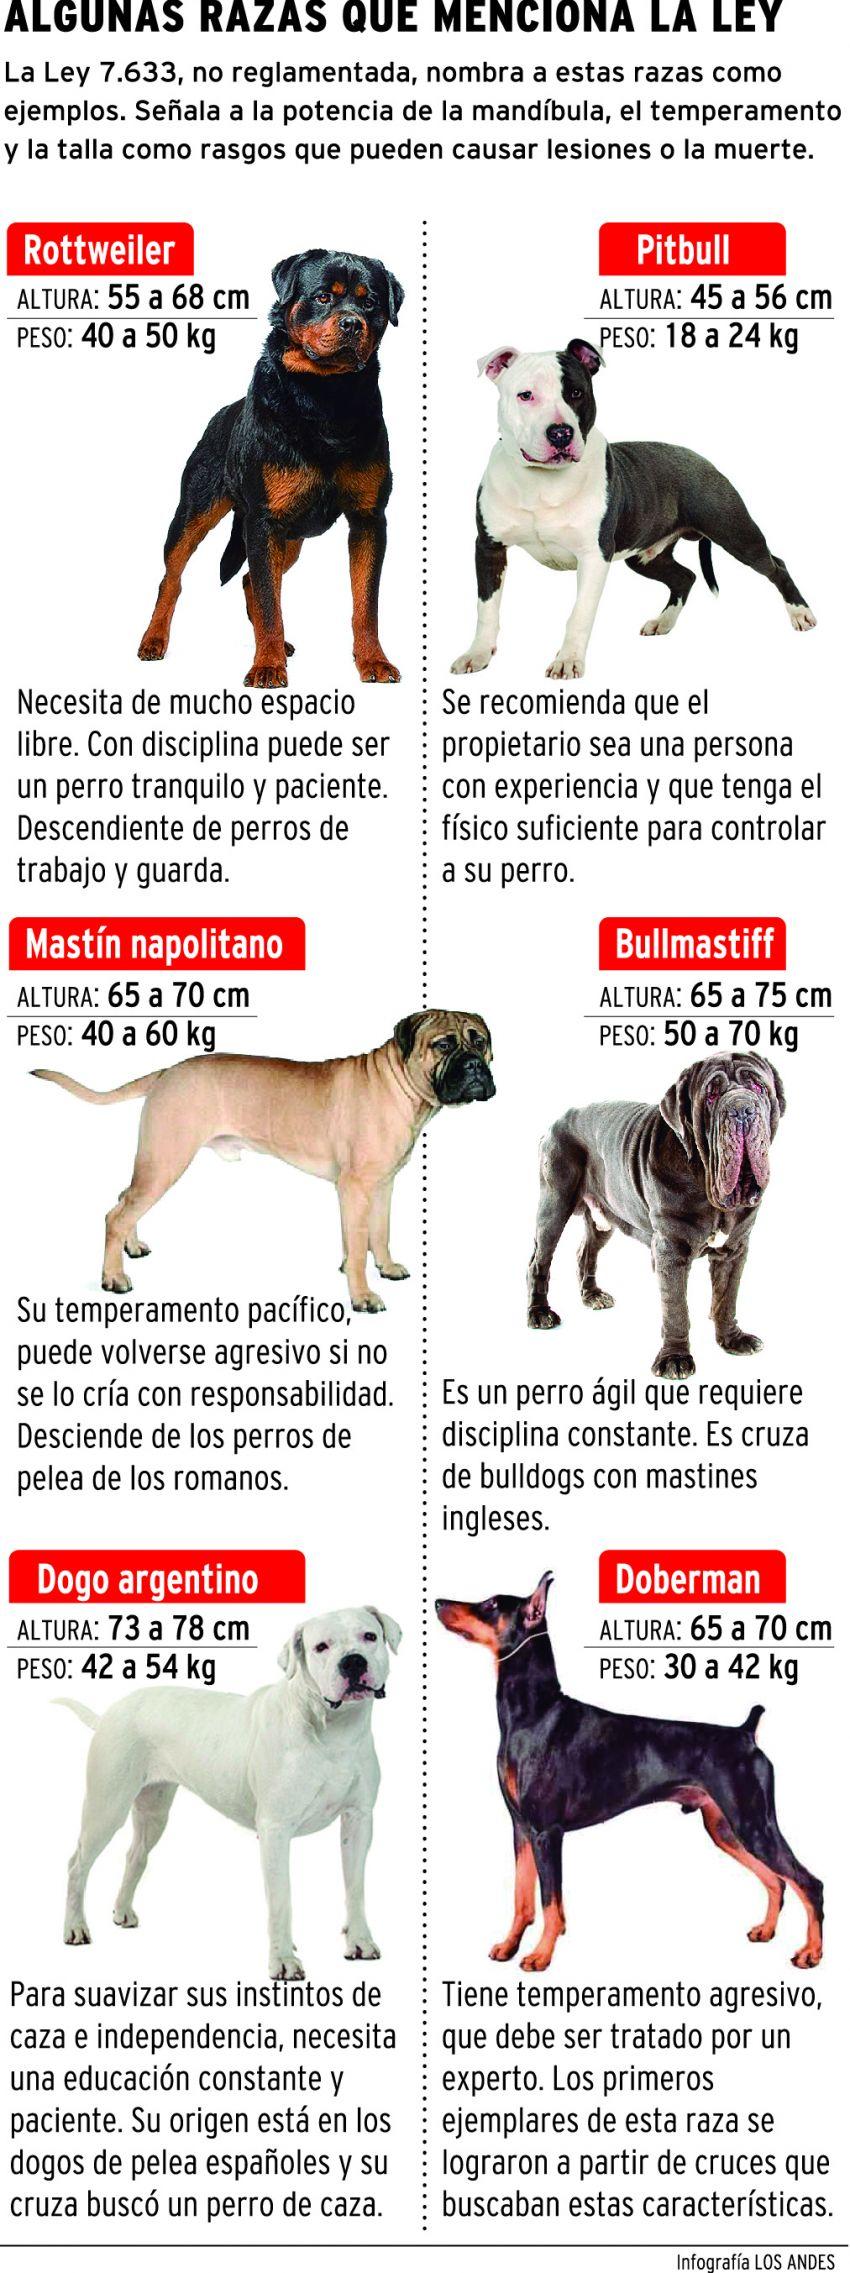 Sólo Hay 200 Perros Peligrosos Registrados En El Gran Mendoza